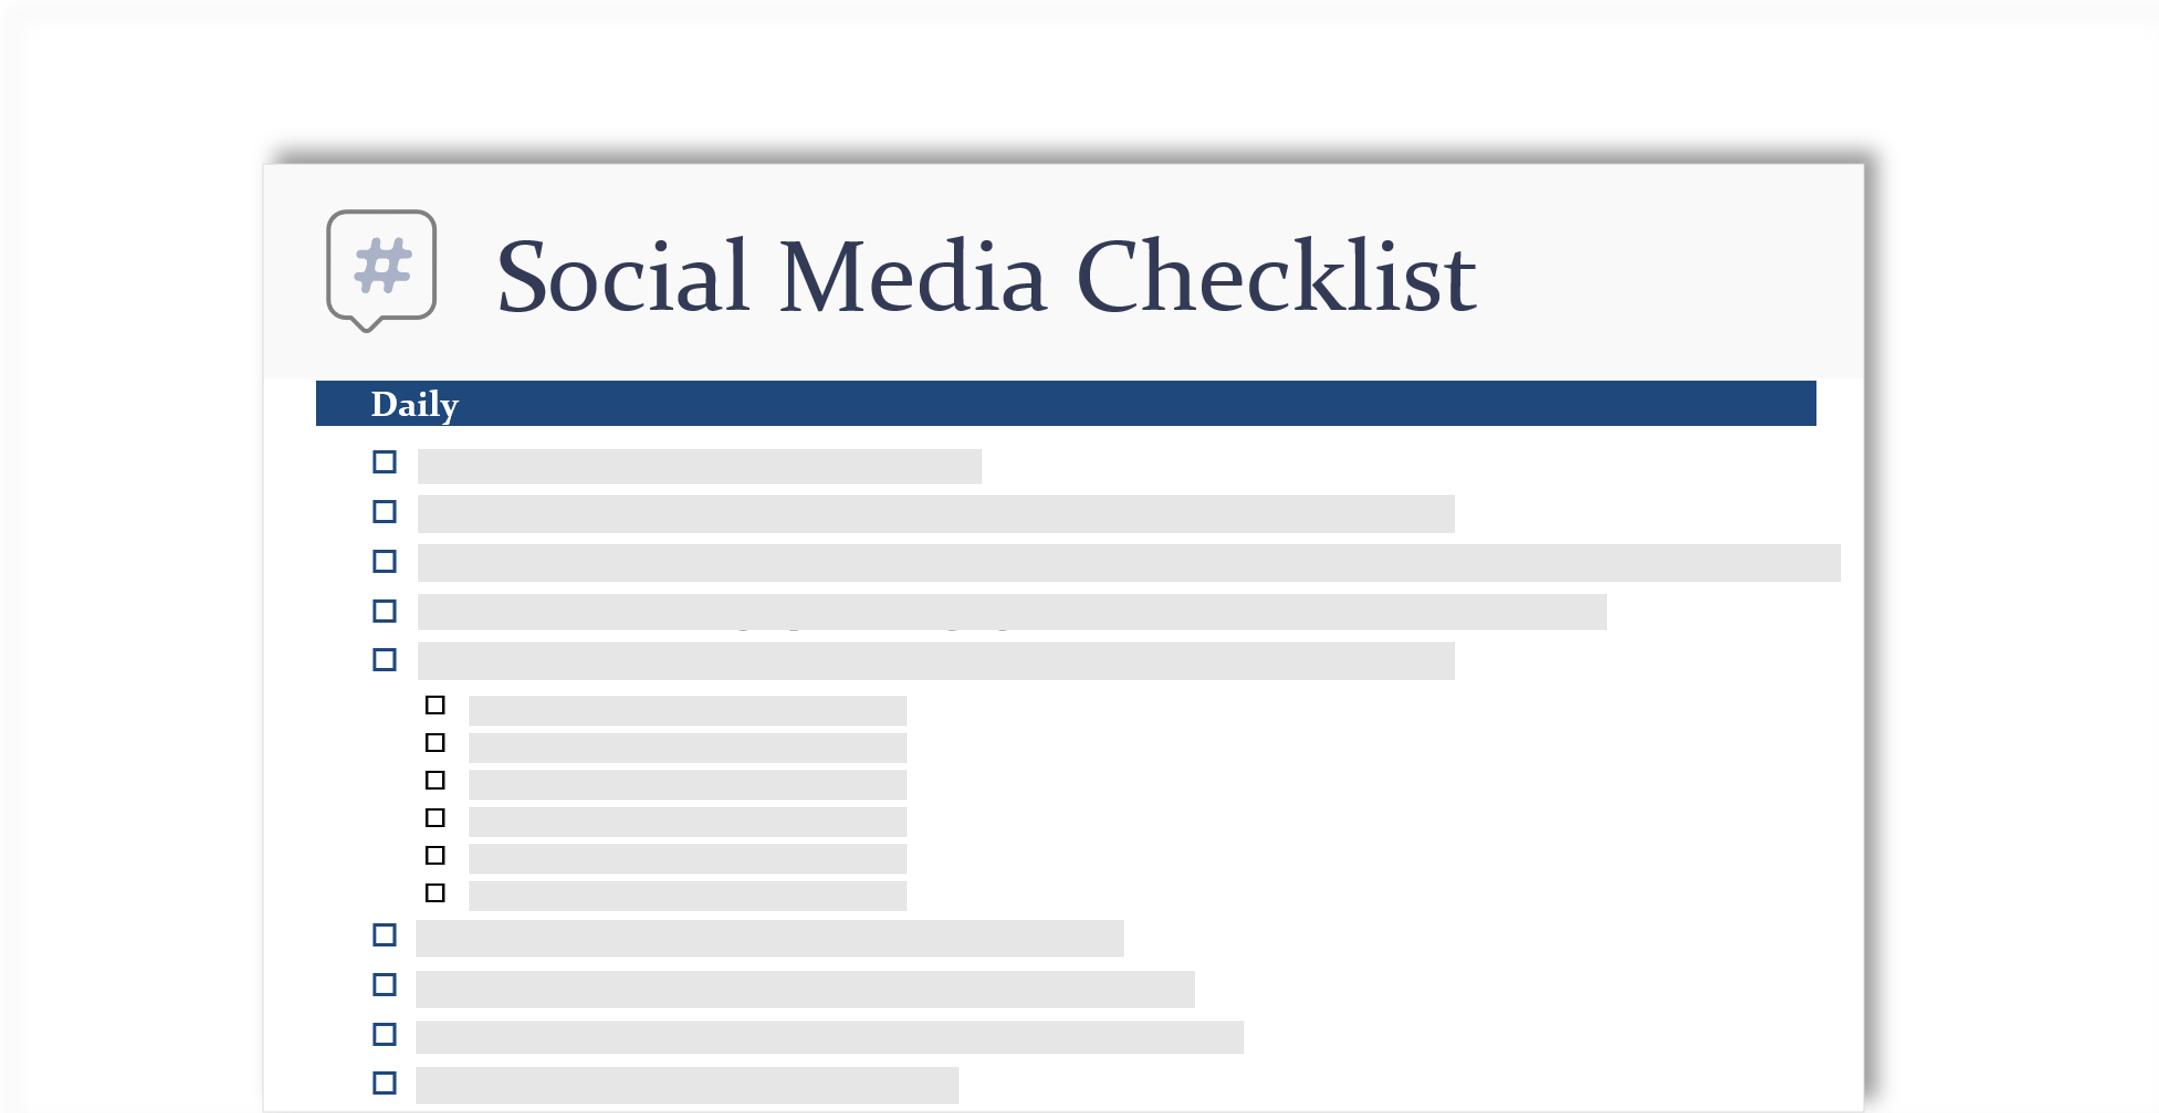 รูปภาพแนวคิดของรายการตรวจสอบสื่อทางสังคม